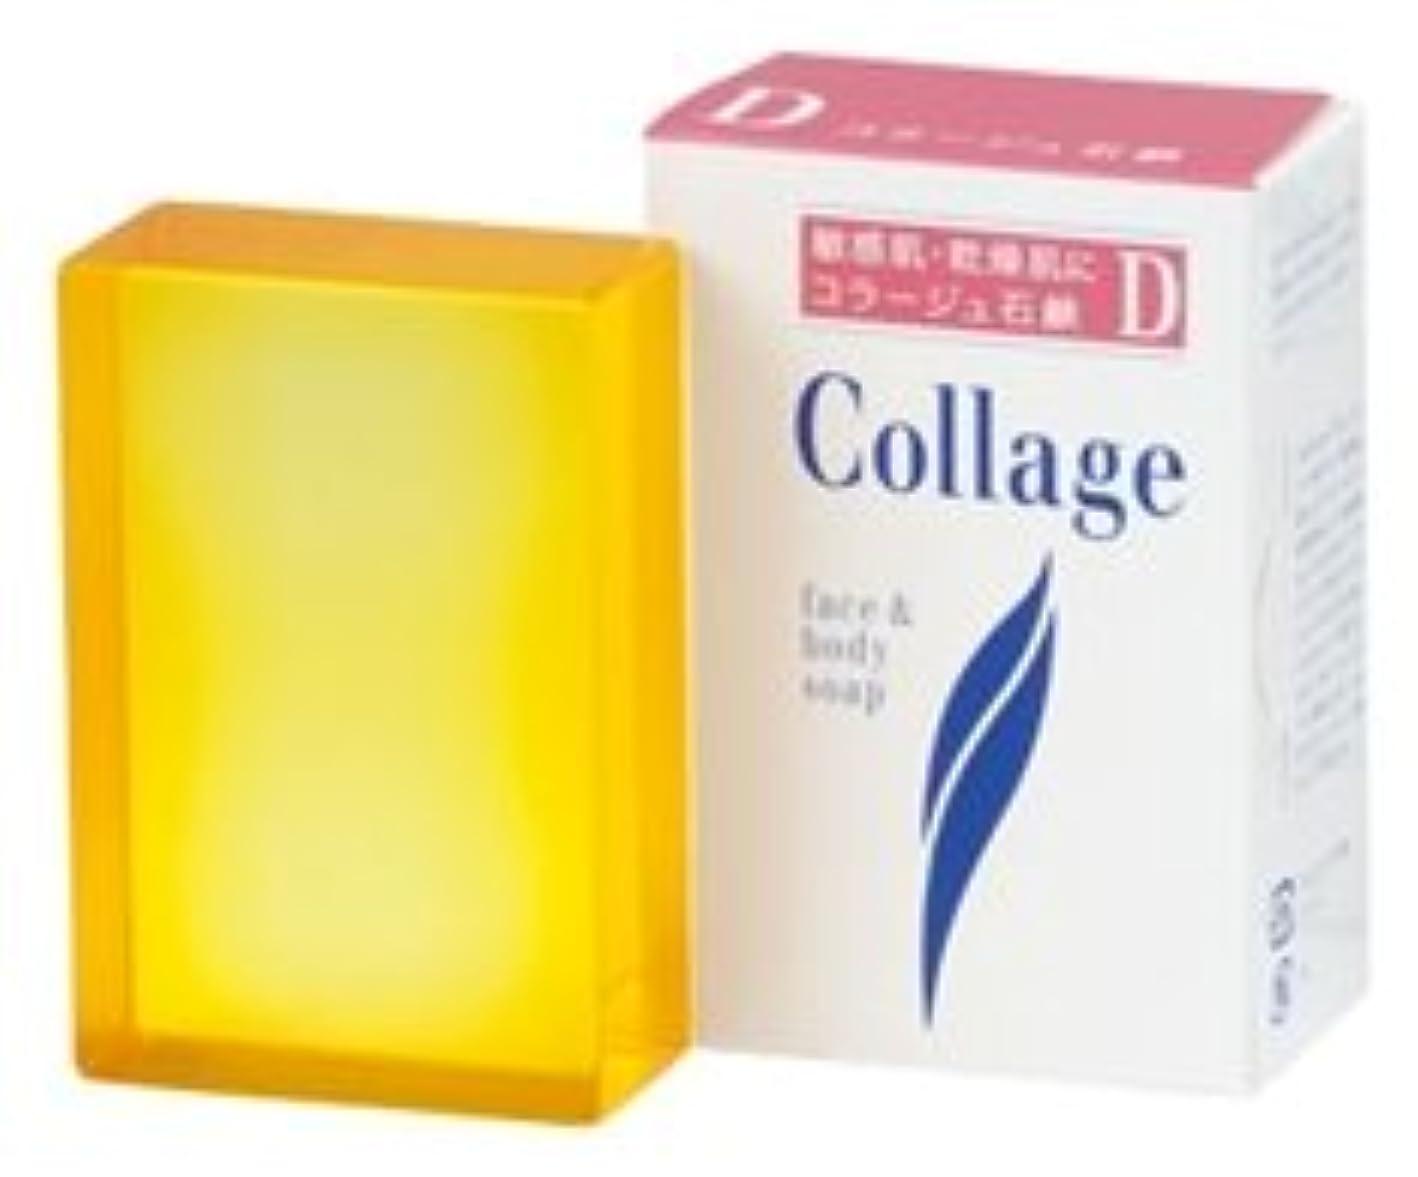 それぞれ利得興奮コラージュD乾性肌用石鹸100g×2 1342